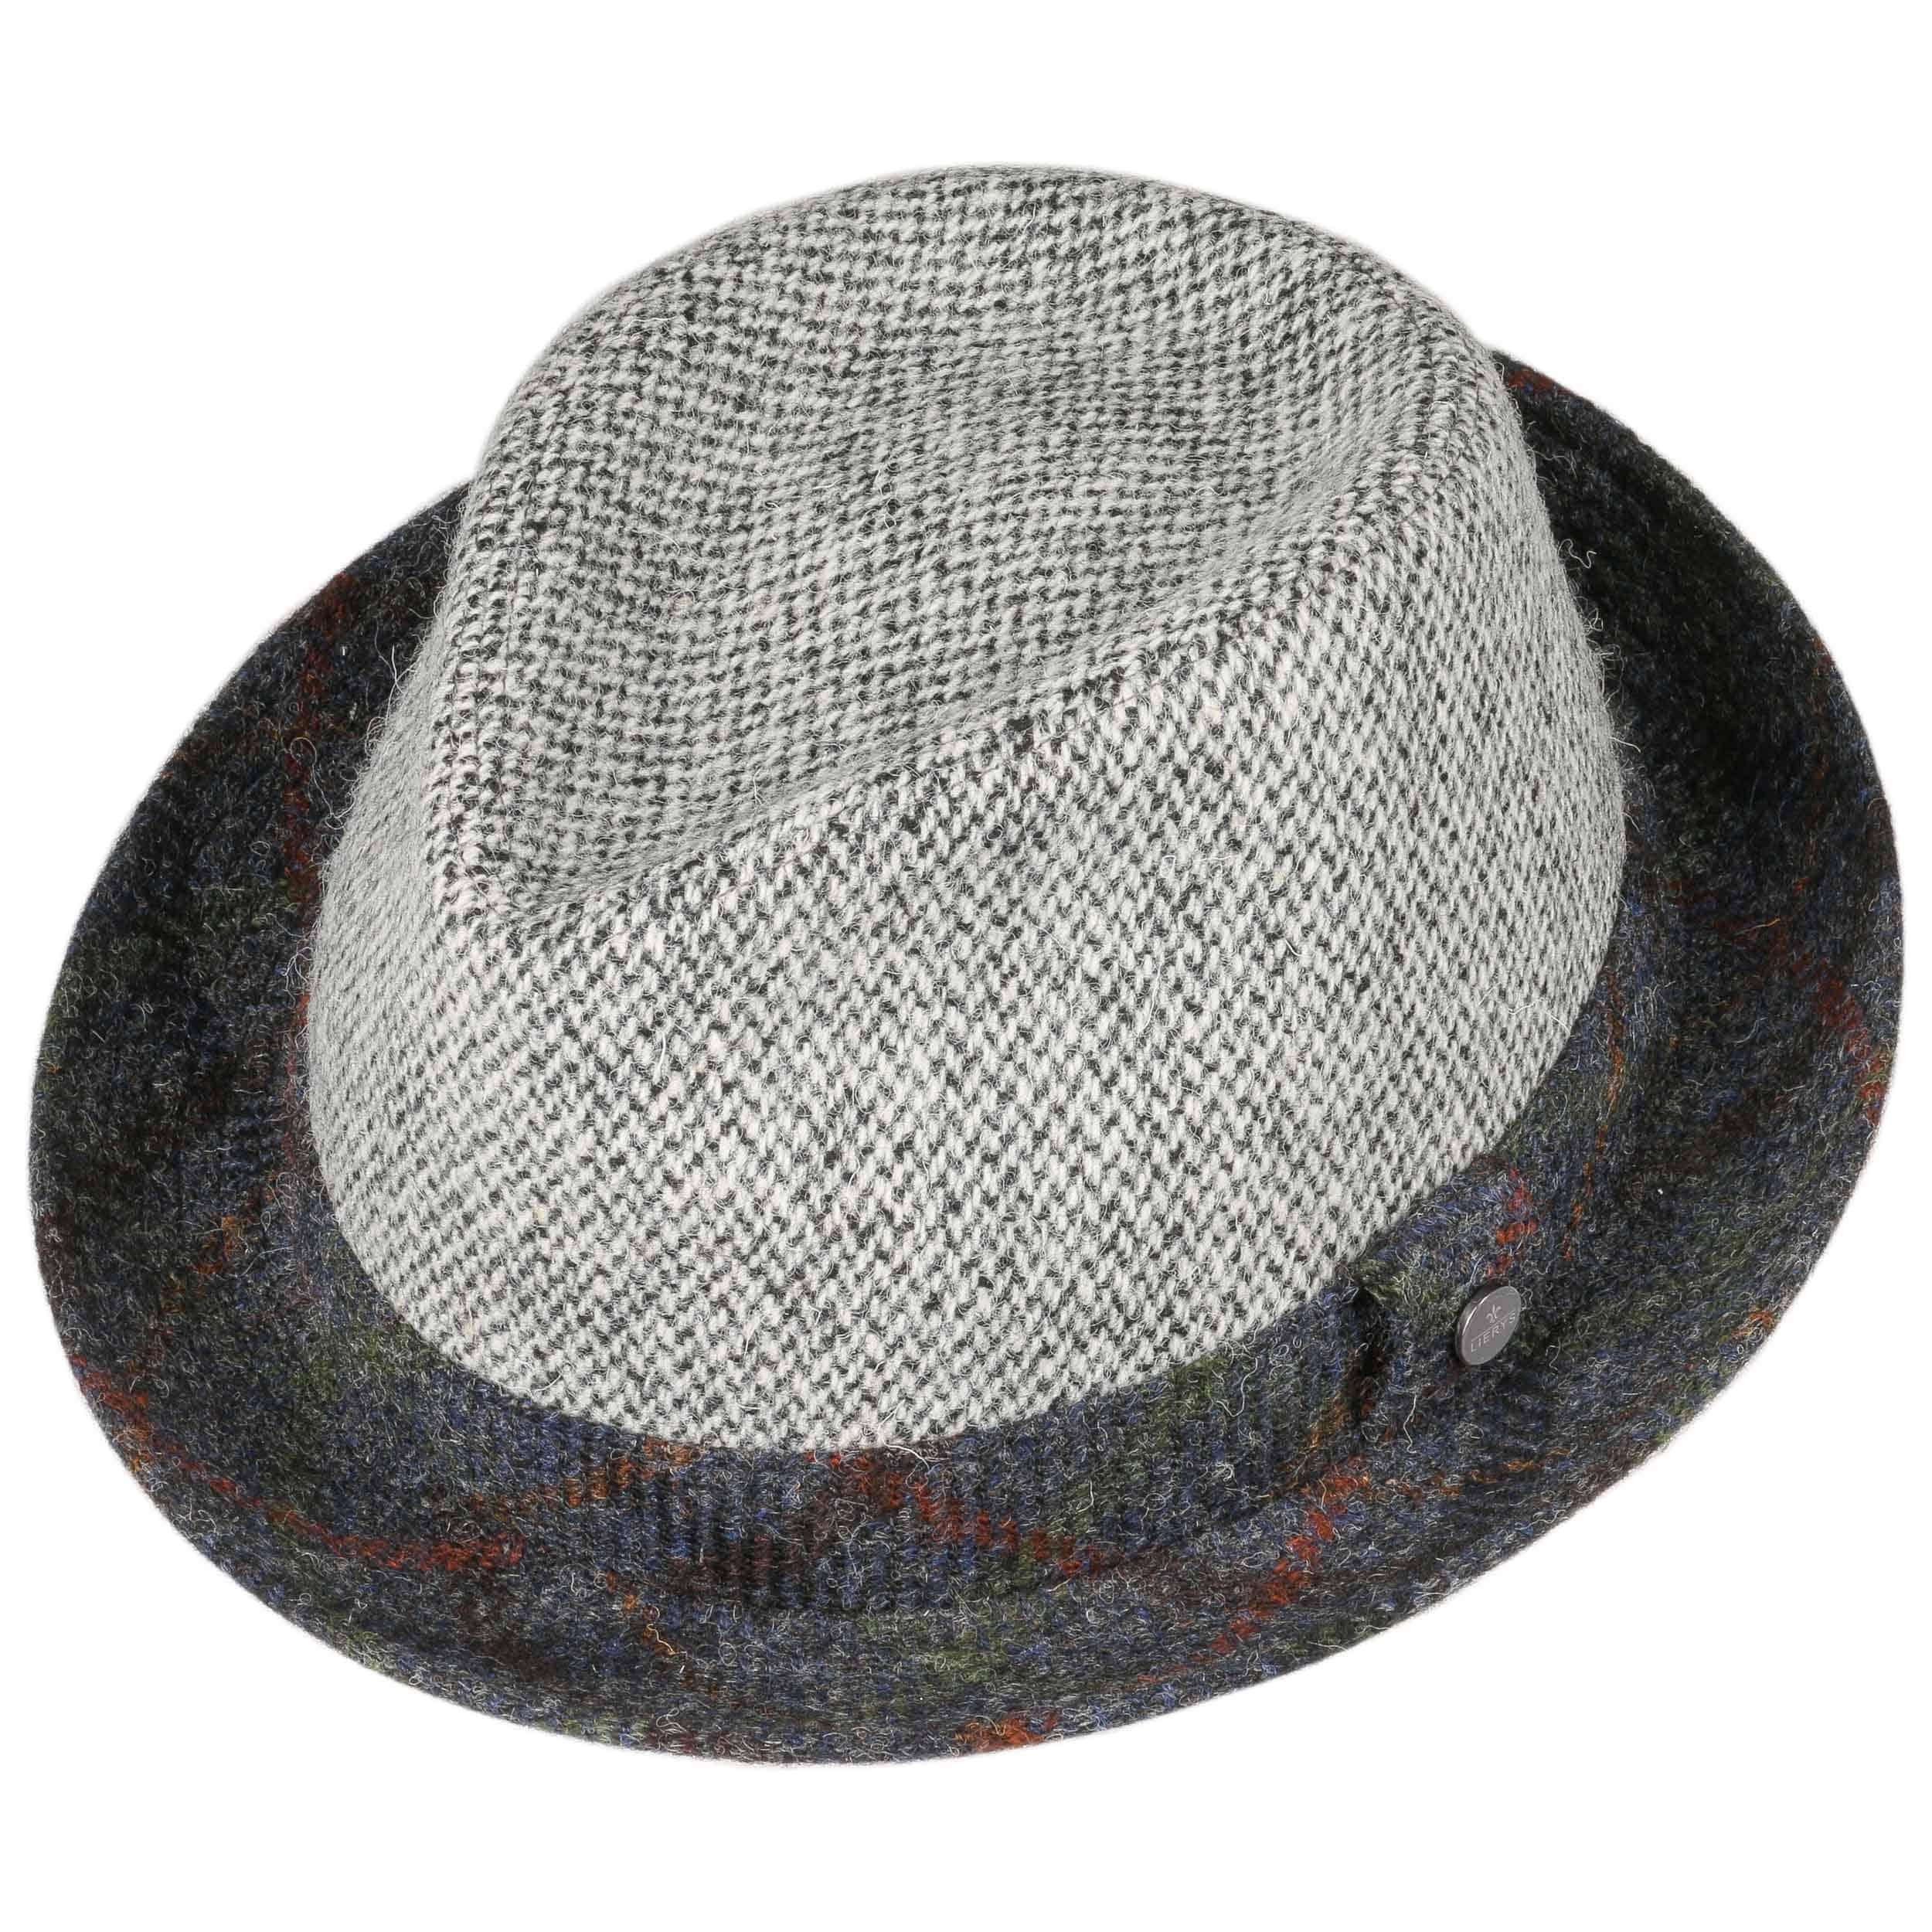 Harris Tweed Player Hat Wool Hat by Lierys - black-white 1 ... fd163fef04f